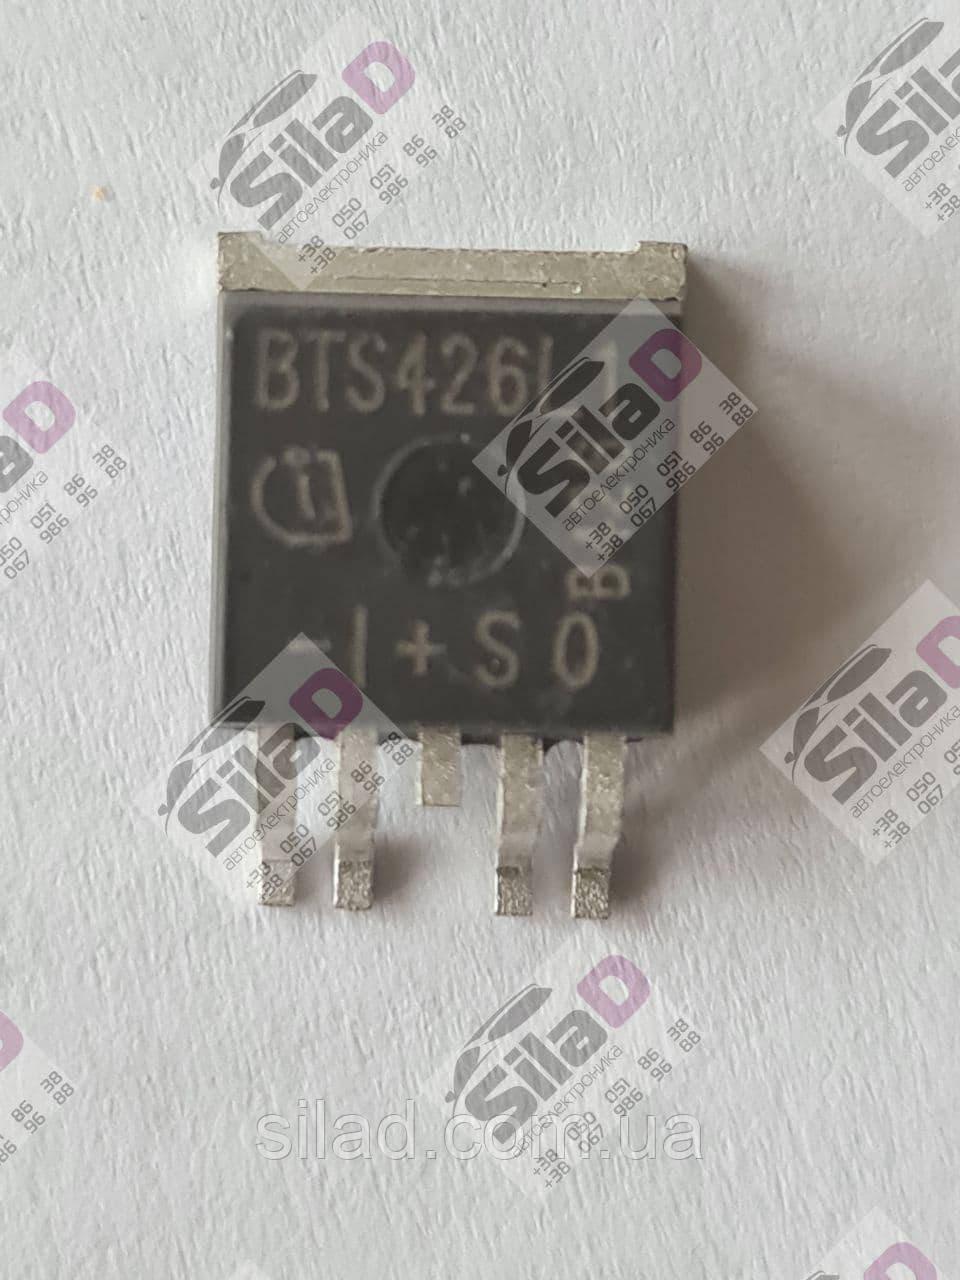 Микросхема BTS426L1 Infineon корпус PG-TO263-5-2